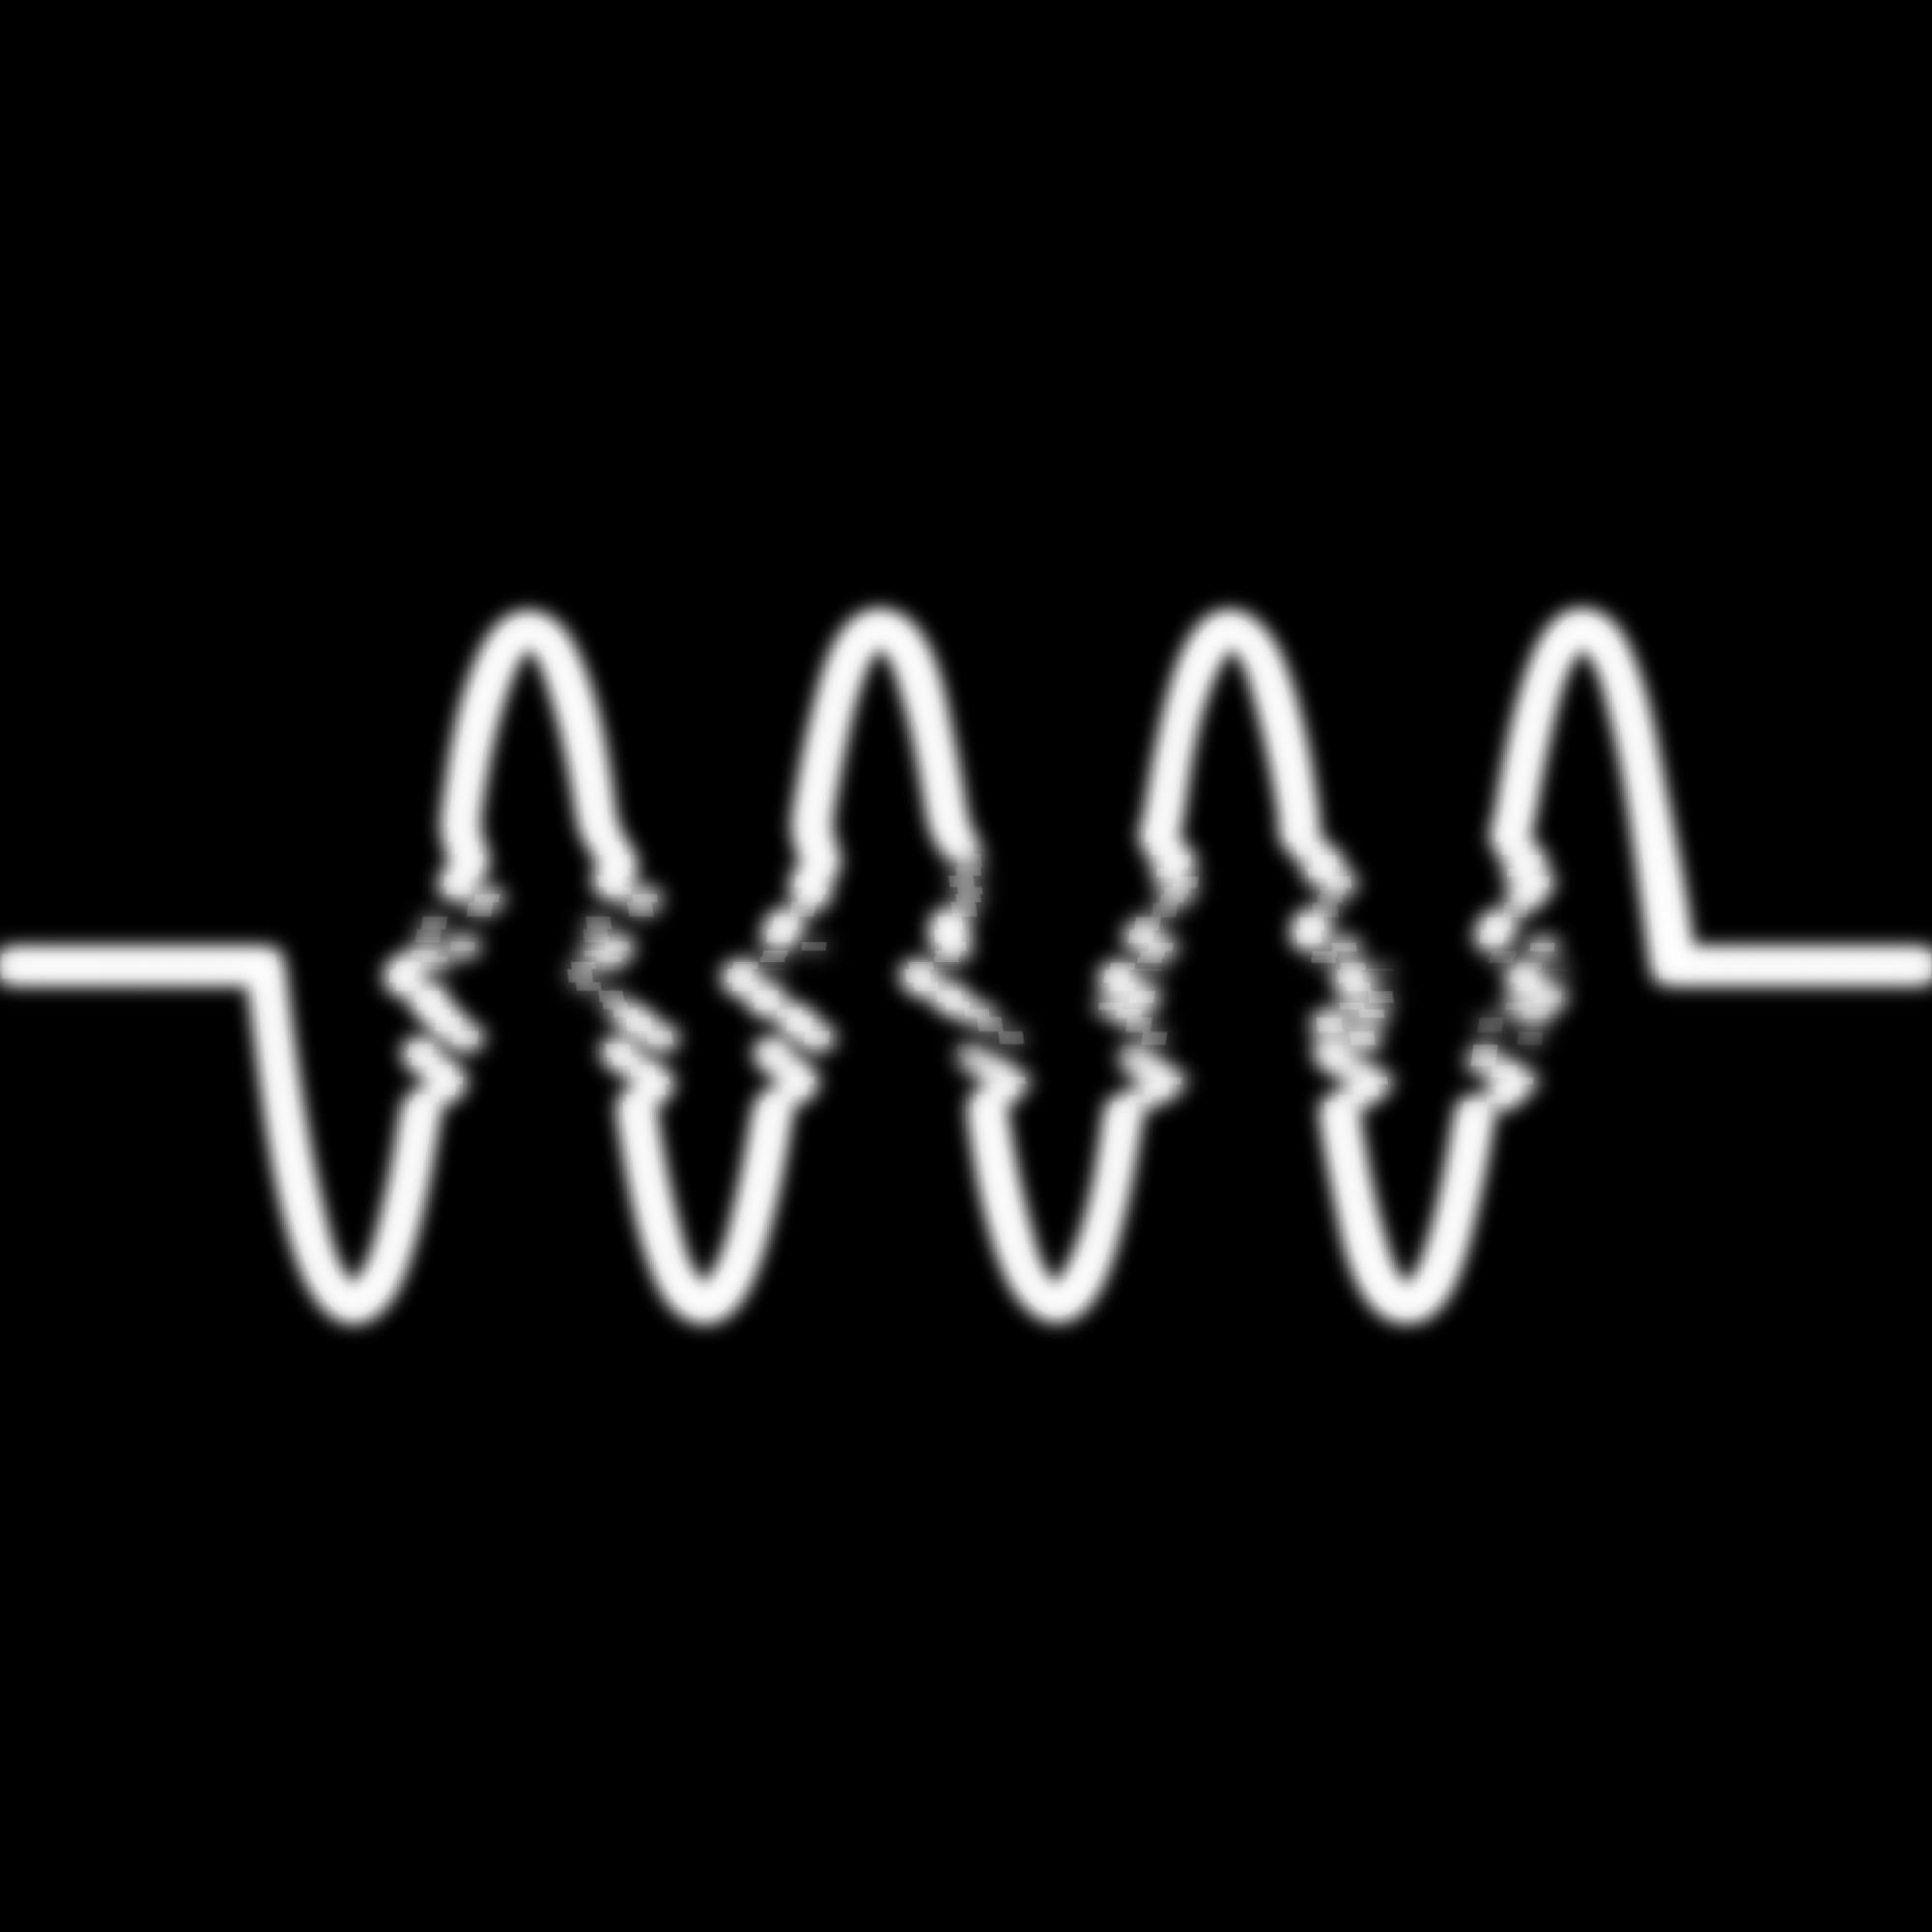 프리퀀시(Frequency) - Distorted Images (EP)